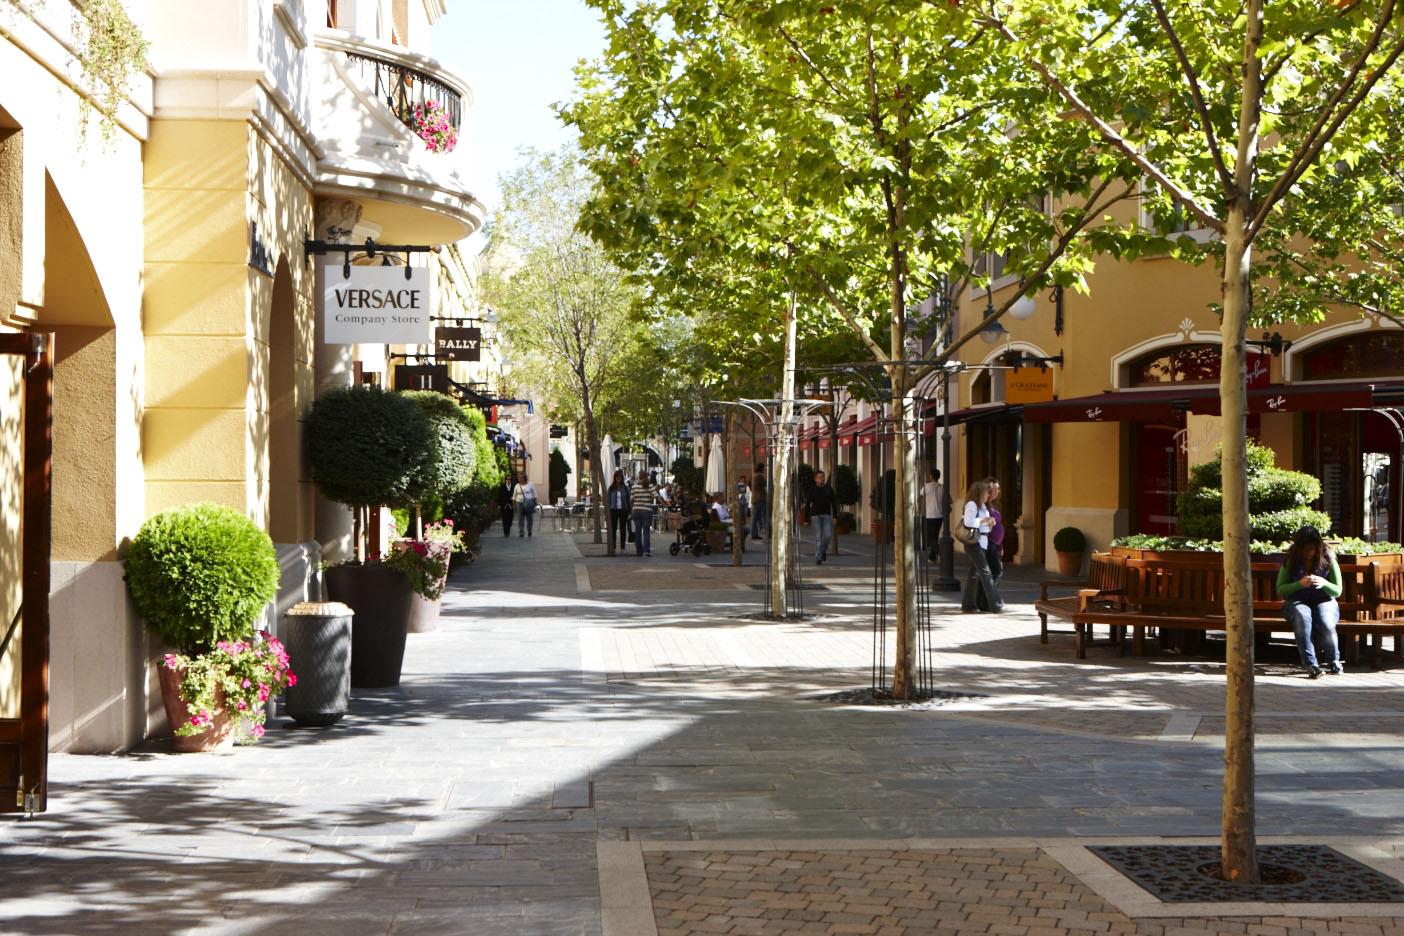 Las rozas village para so de las compras - Persianas las rozas ...